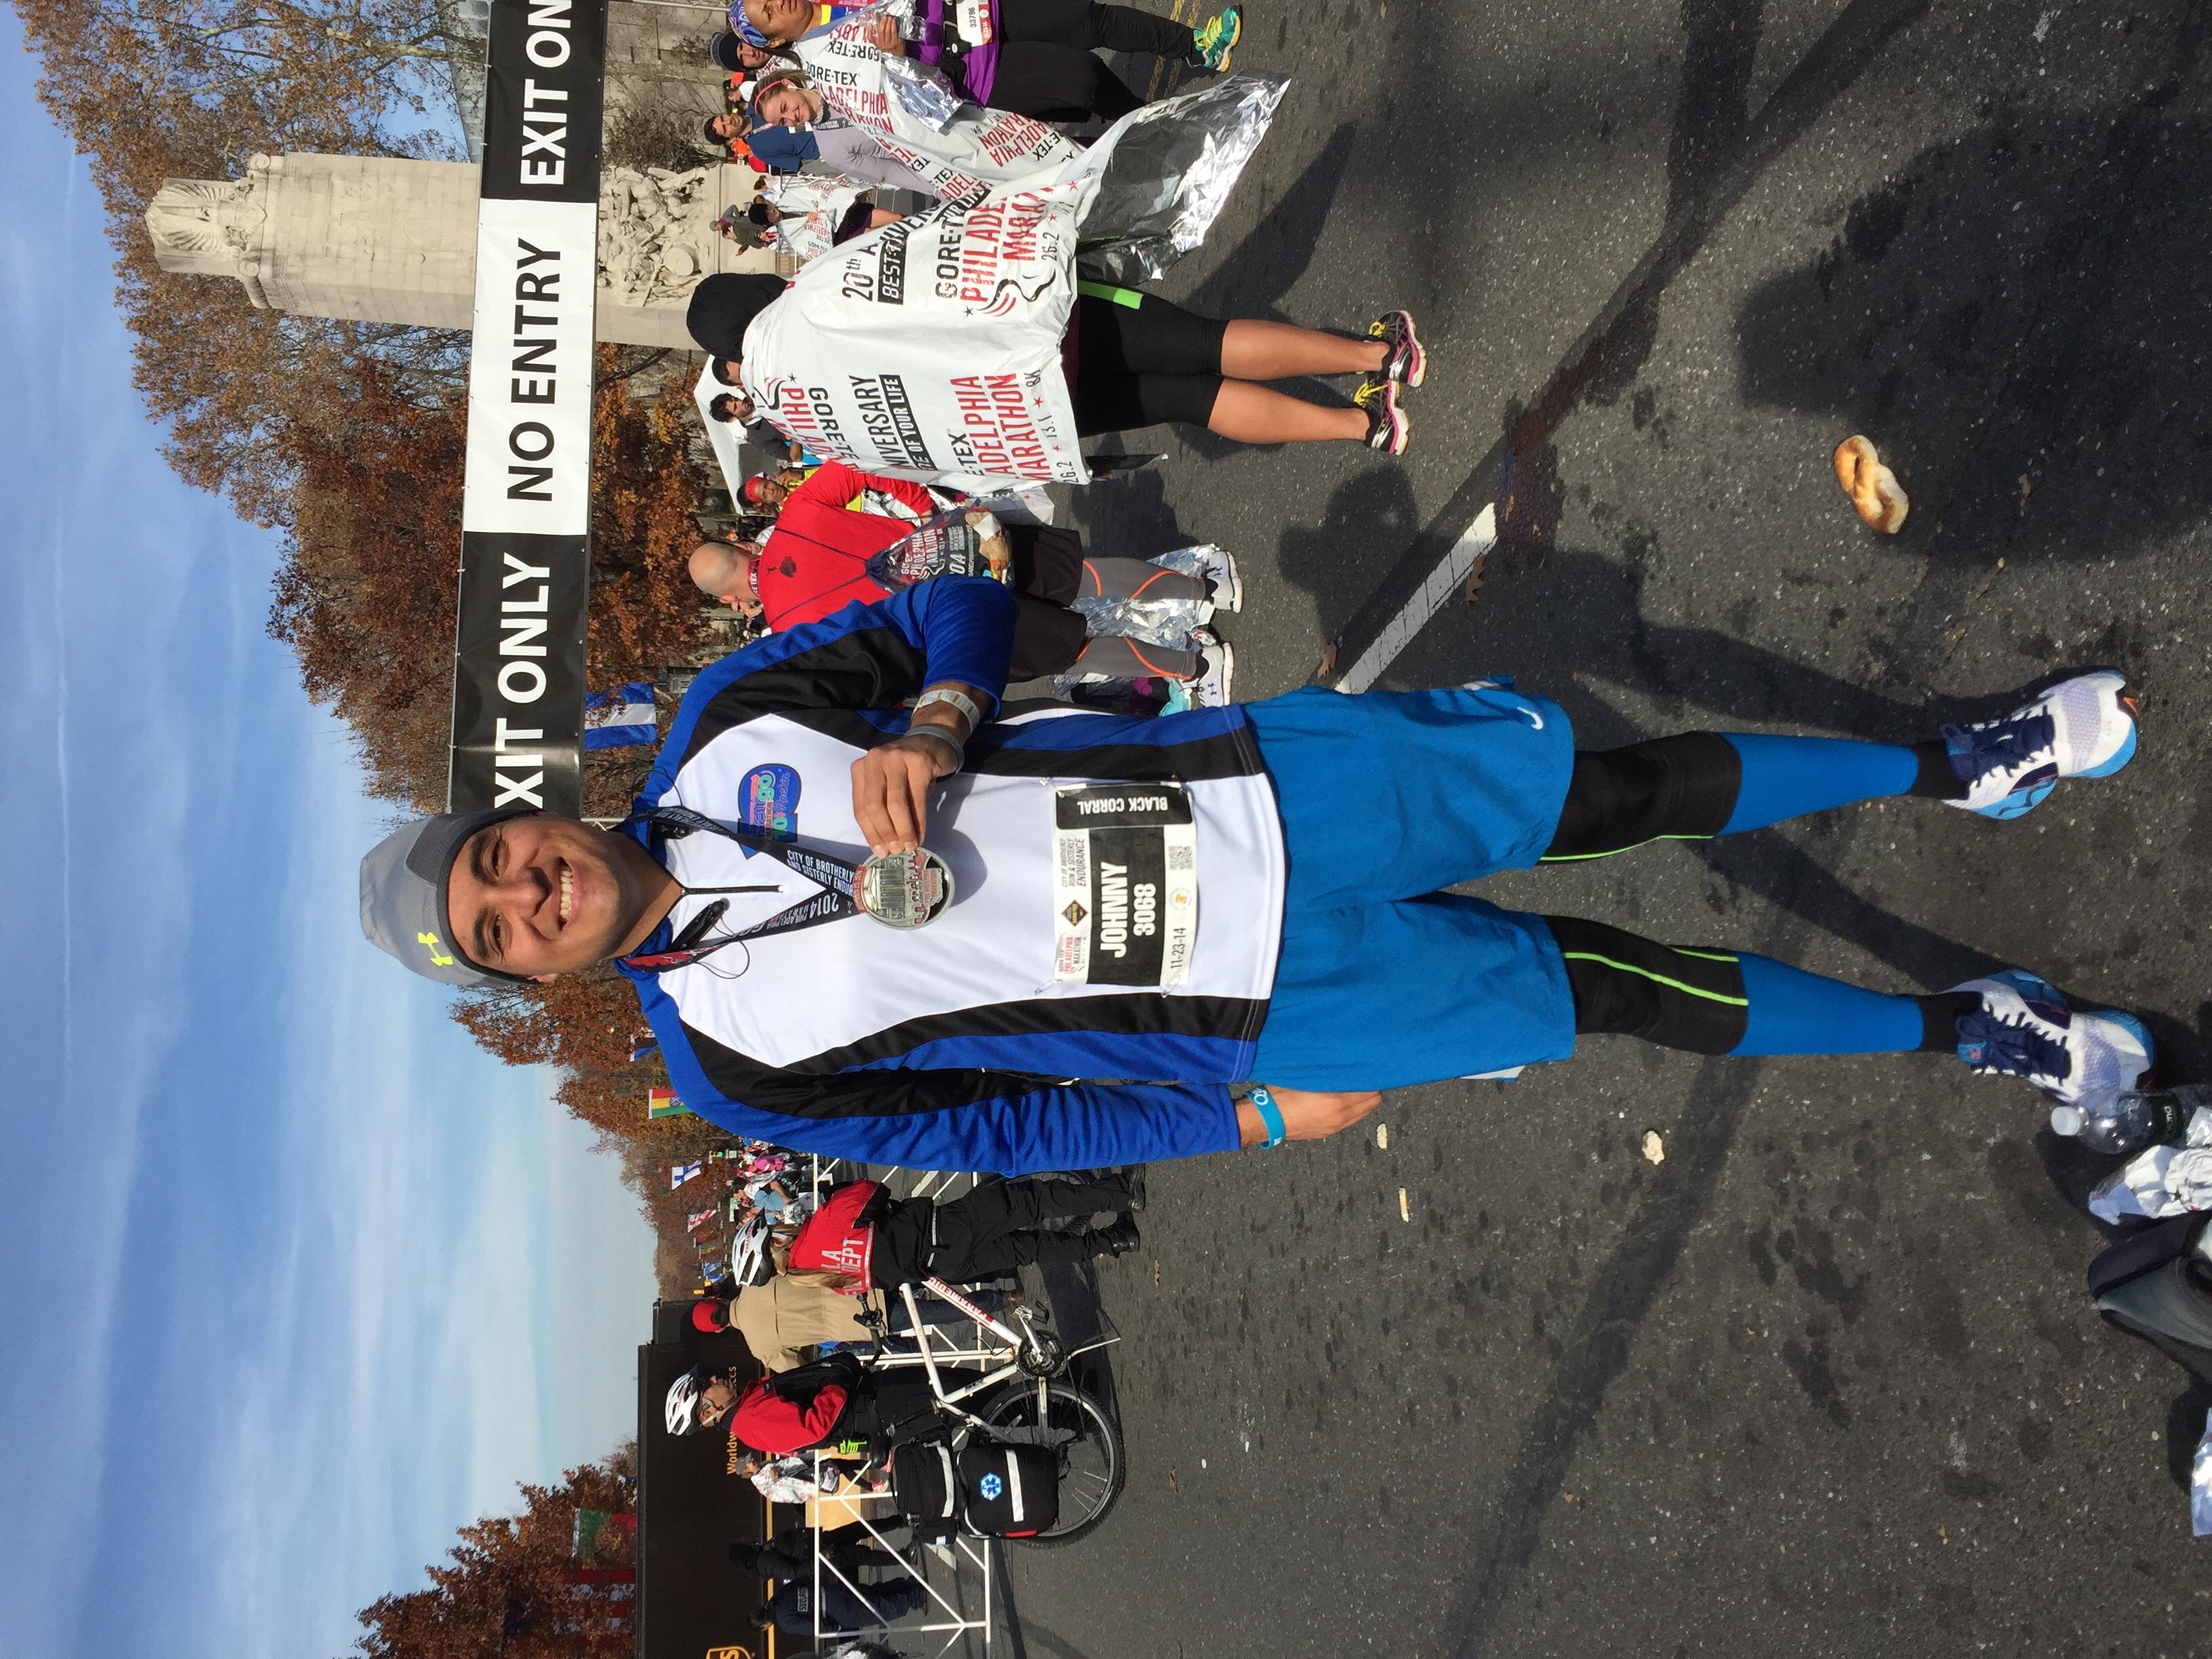 Philadelphia Marathon completed